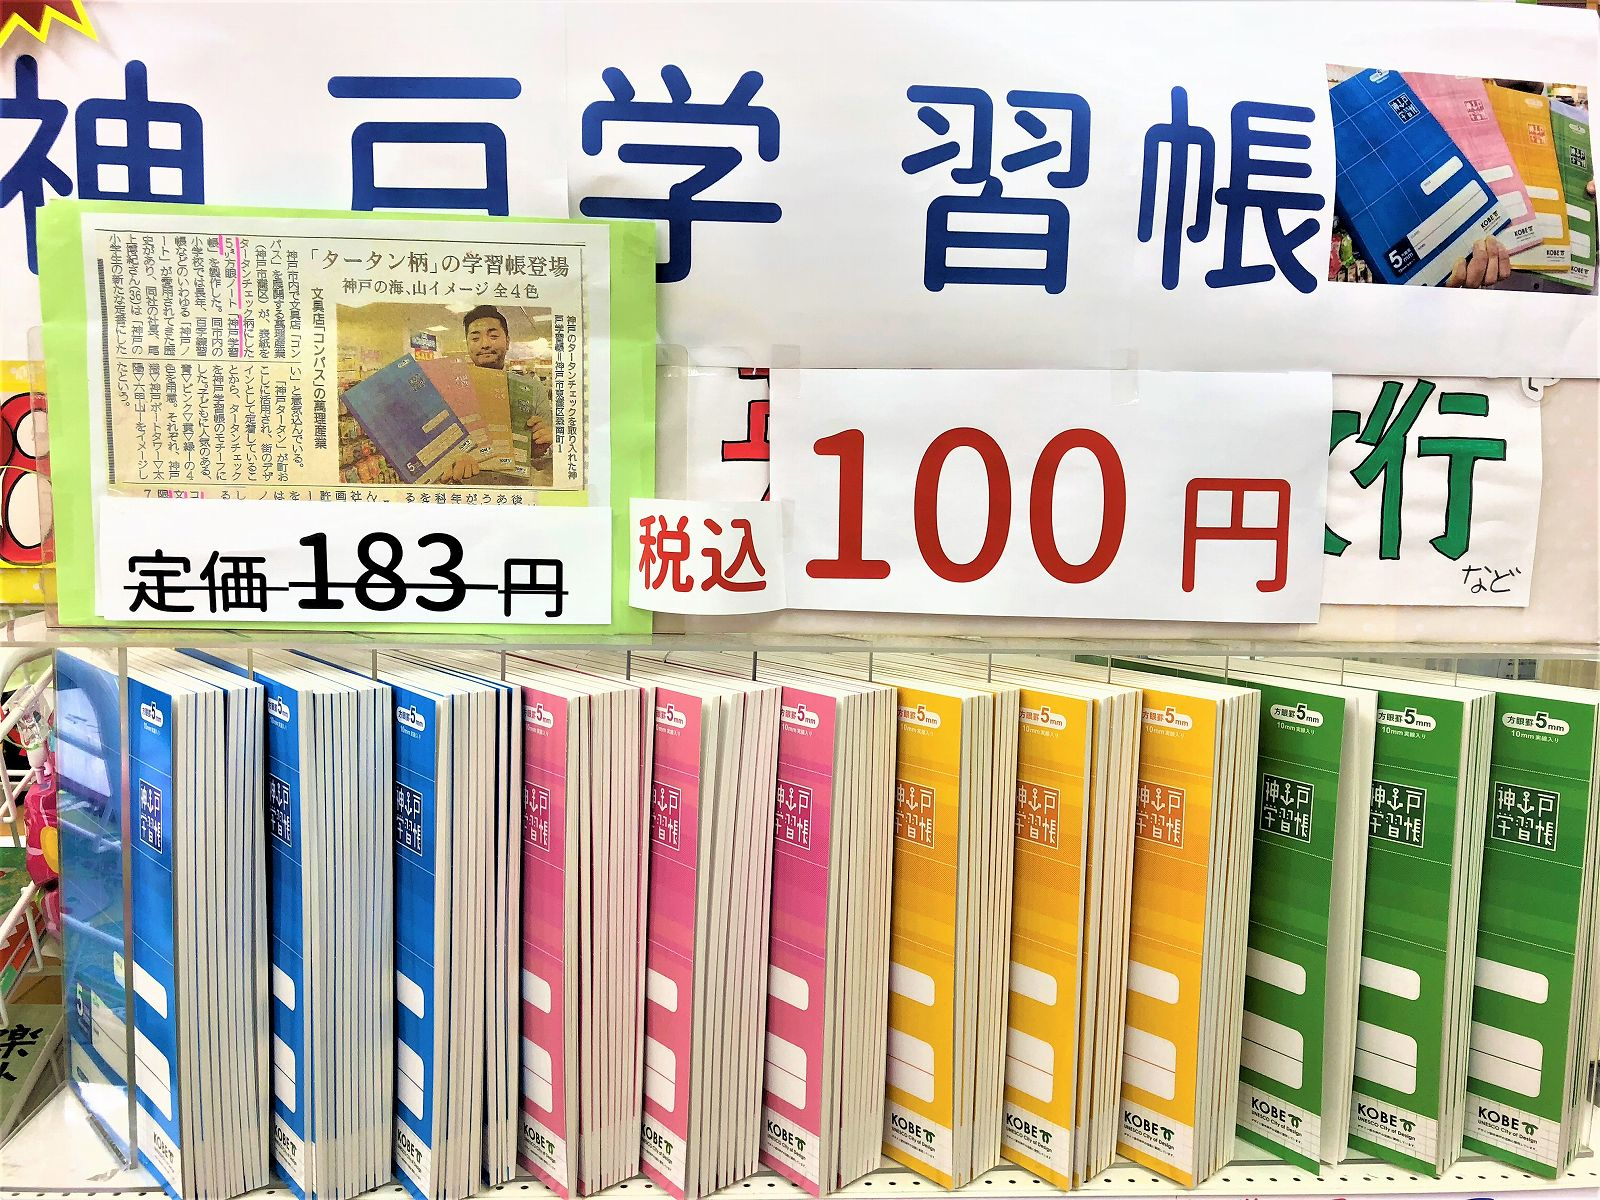 【神戸市内限定販売】おしゃれなタータン柄の「神戸学習帳」を買ってみた! #神戸学習帳 #新製品 #神戸ノート #コンパス #萬理産業 #文房具 #神戸ルール